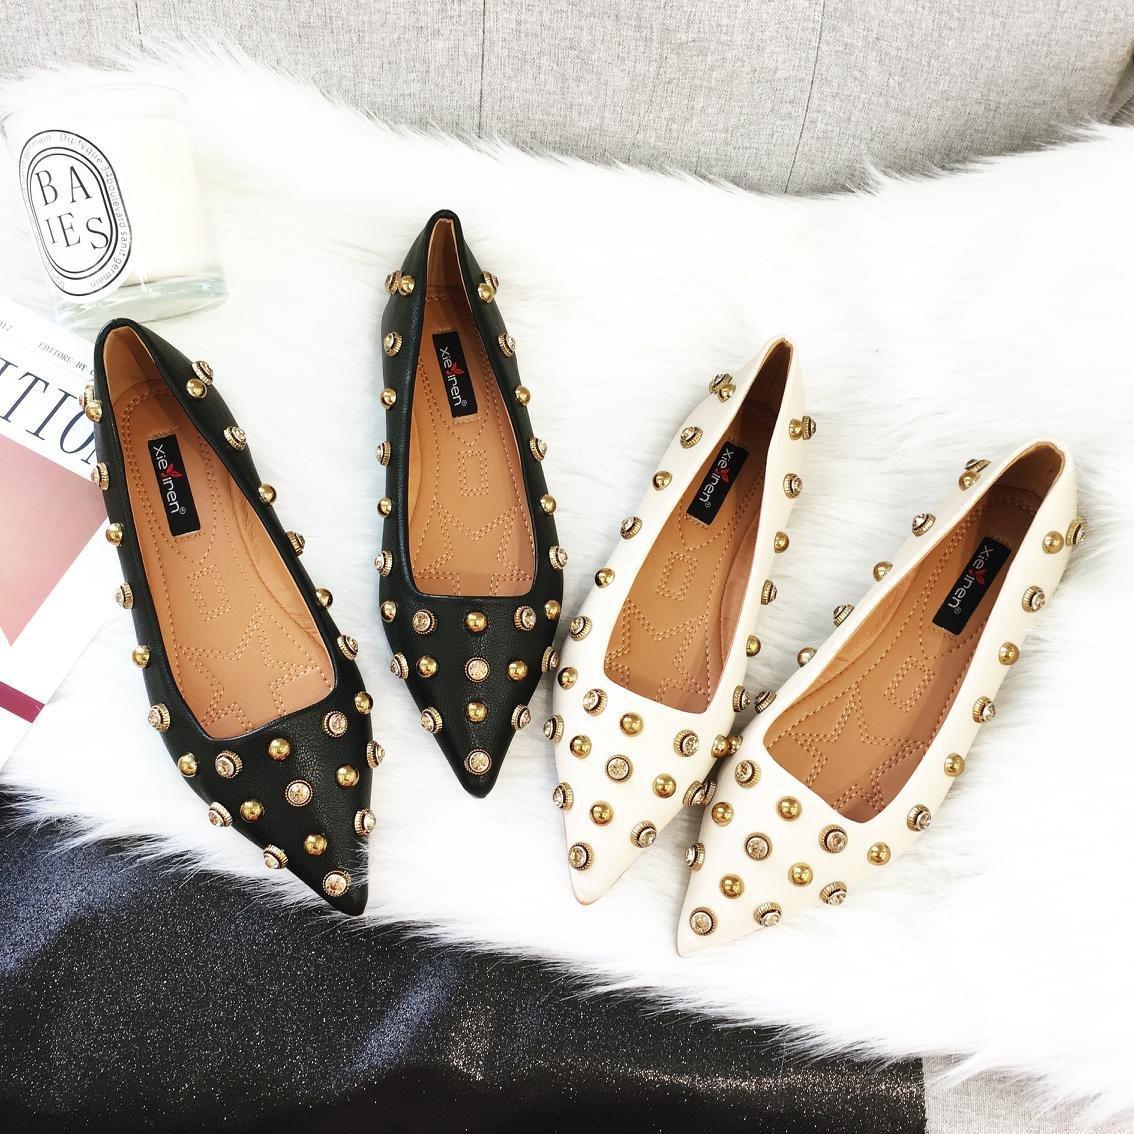 ZHZNVX Frauen Spitze flache Schuhe Frauen ZHZNVX neue koreanische wilde Perle nieten flachen Mund weichen Boden beiläufige Schuhe Damen Schuhe 51456e